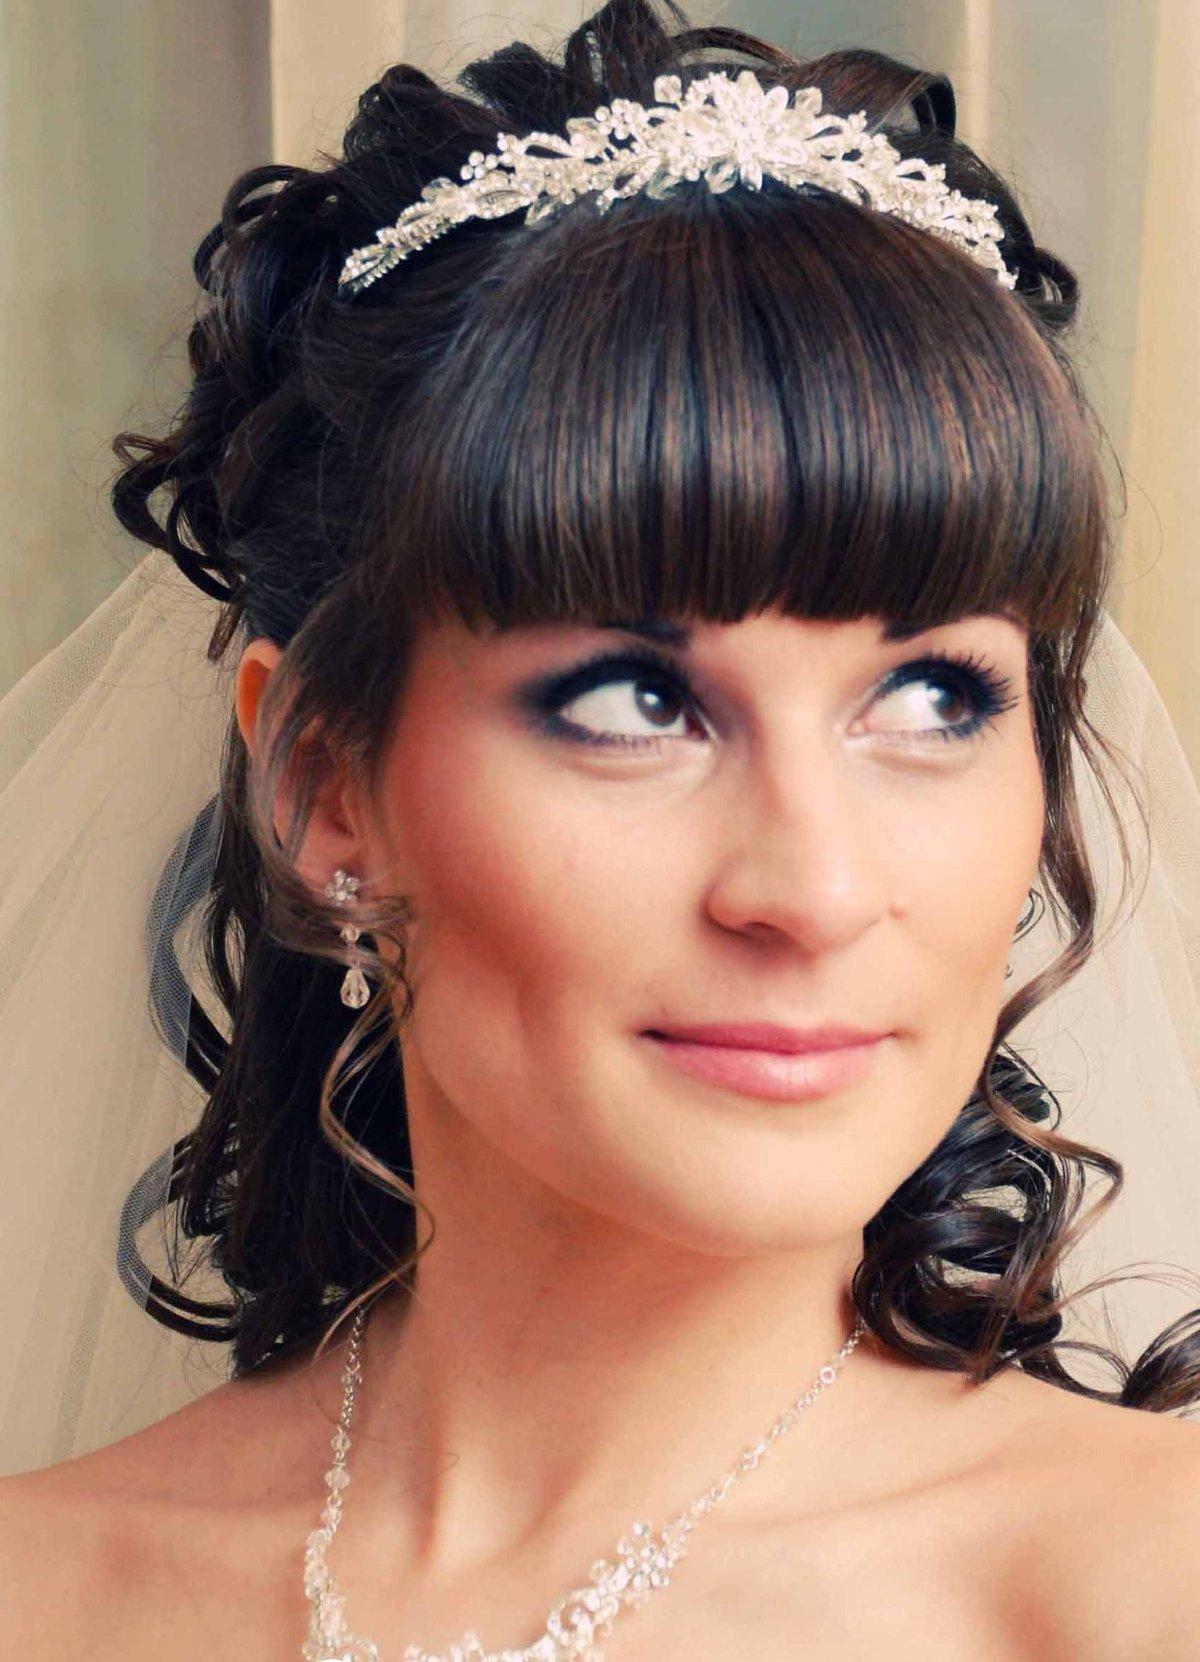 Прическа с диадемой на свадьбу фото